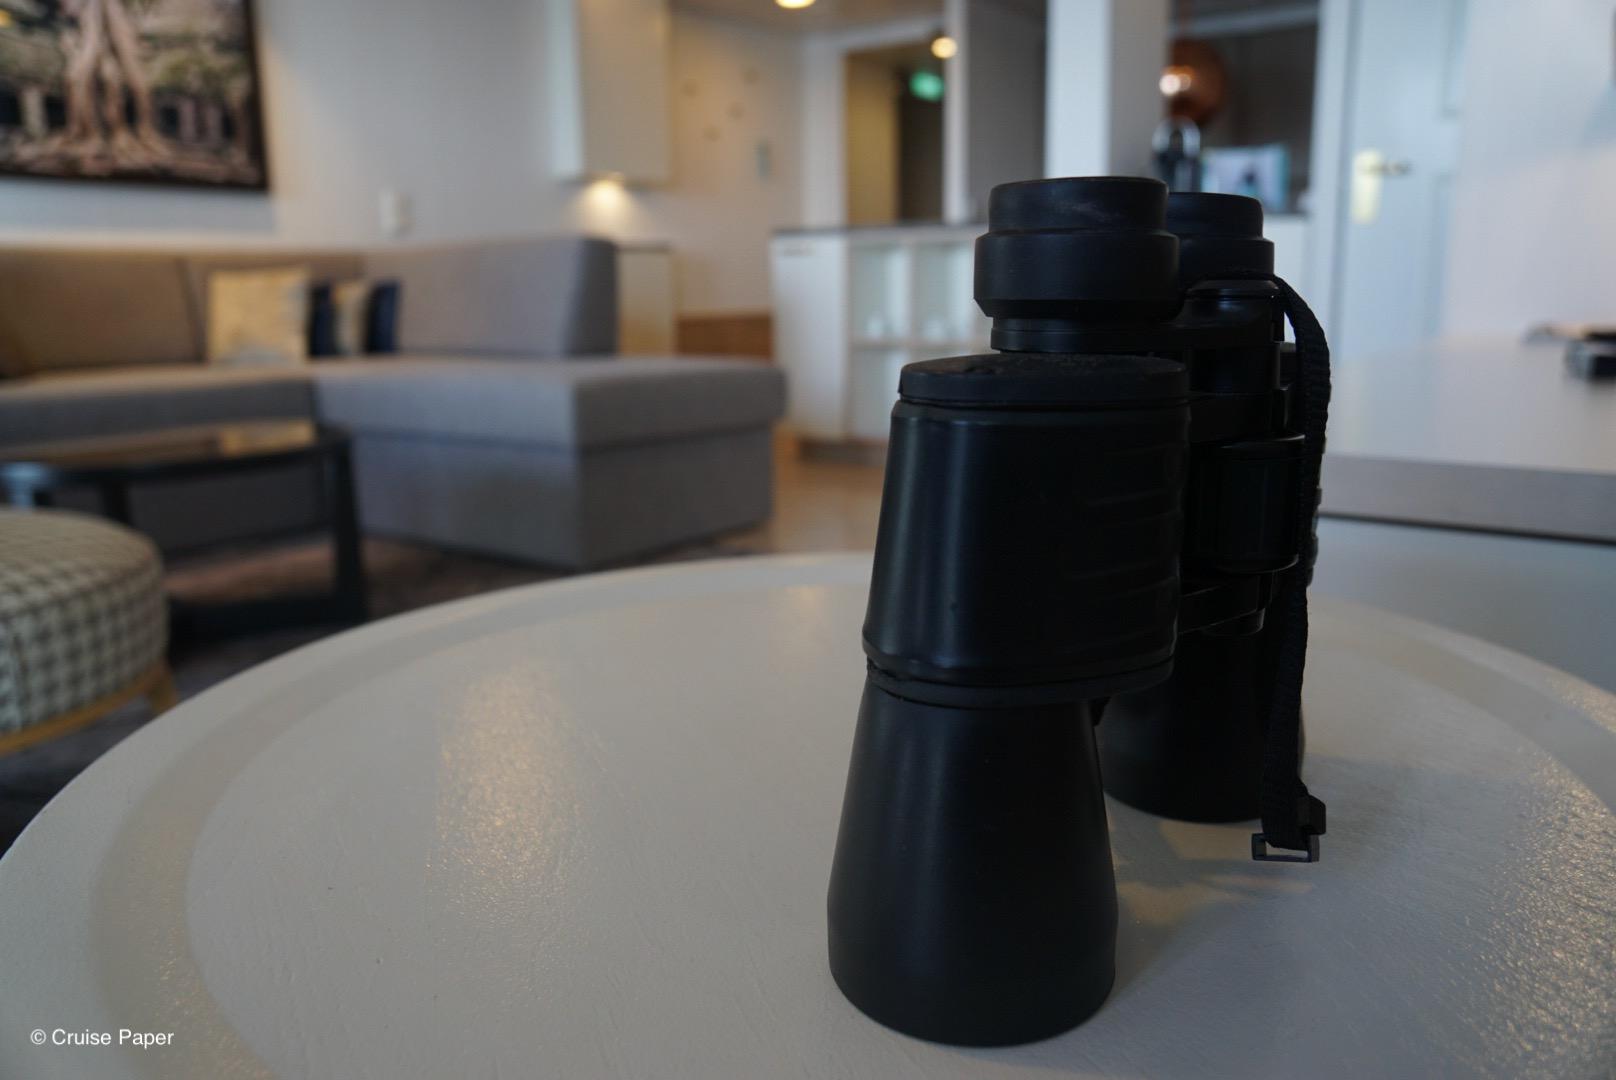 Ein Fernglas steht in der Suite zum Beobachten bereit